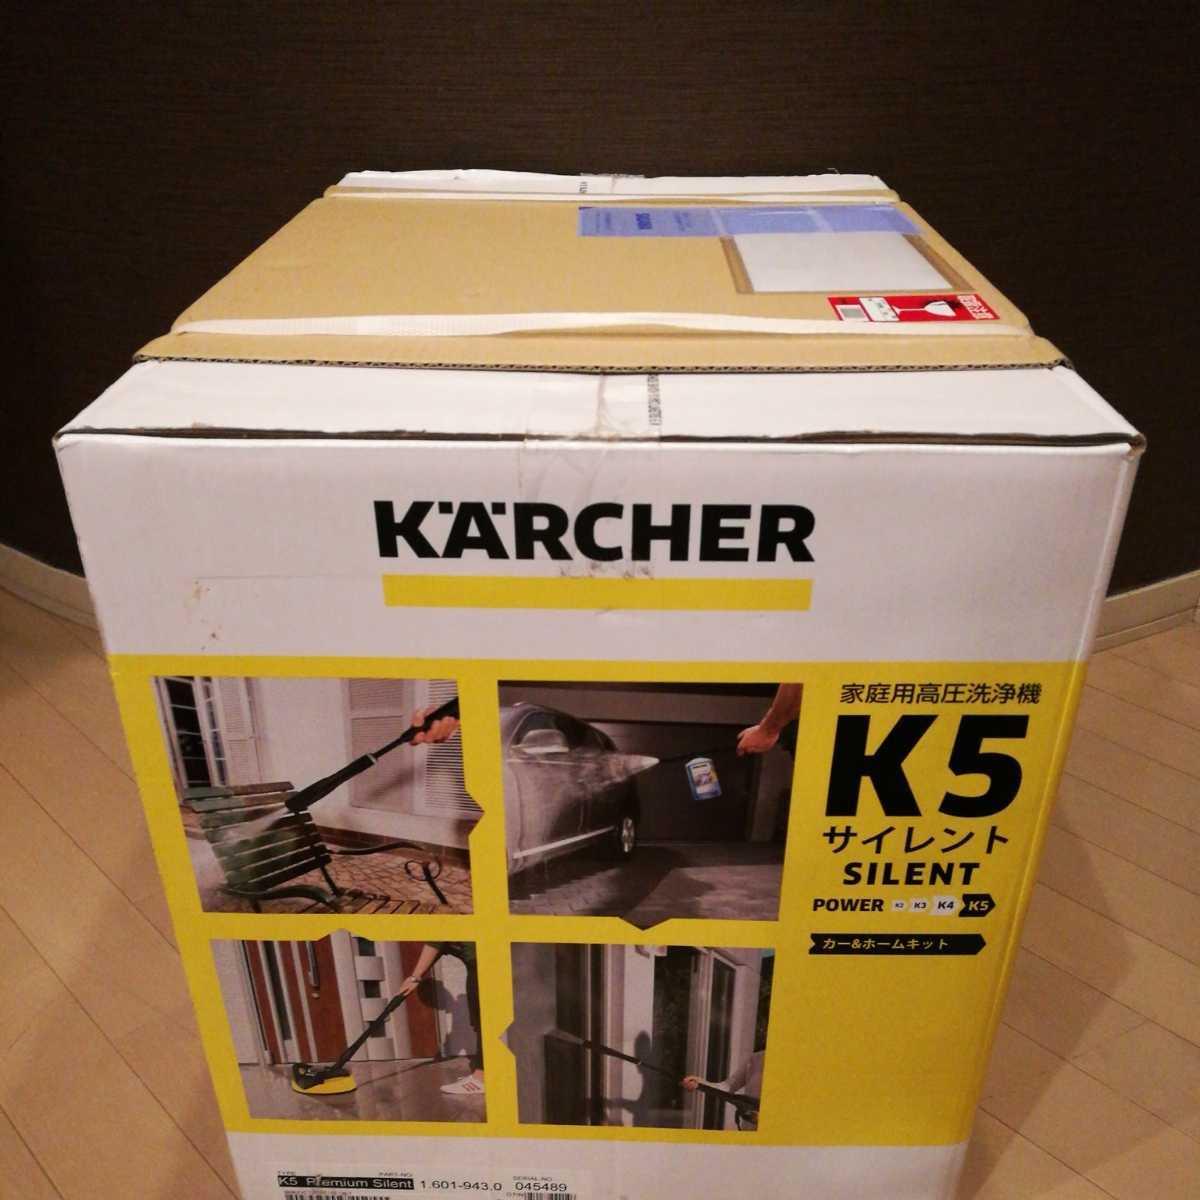 【新品未開封品】西日本用ケルヒャー高圧洗浄機 K5サイレントカー&ホームキット 60Hz メーカー保証有り 2020年2月購入_画像5